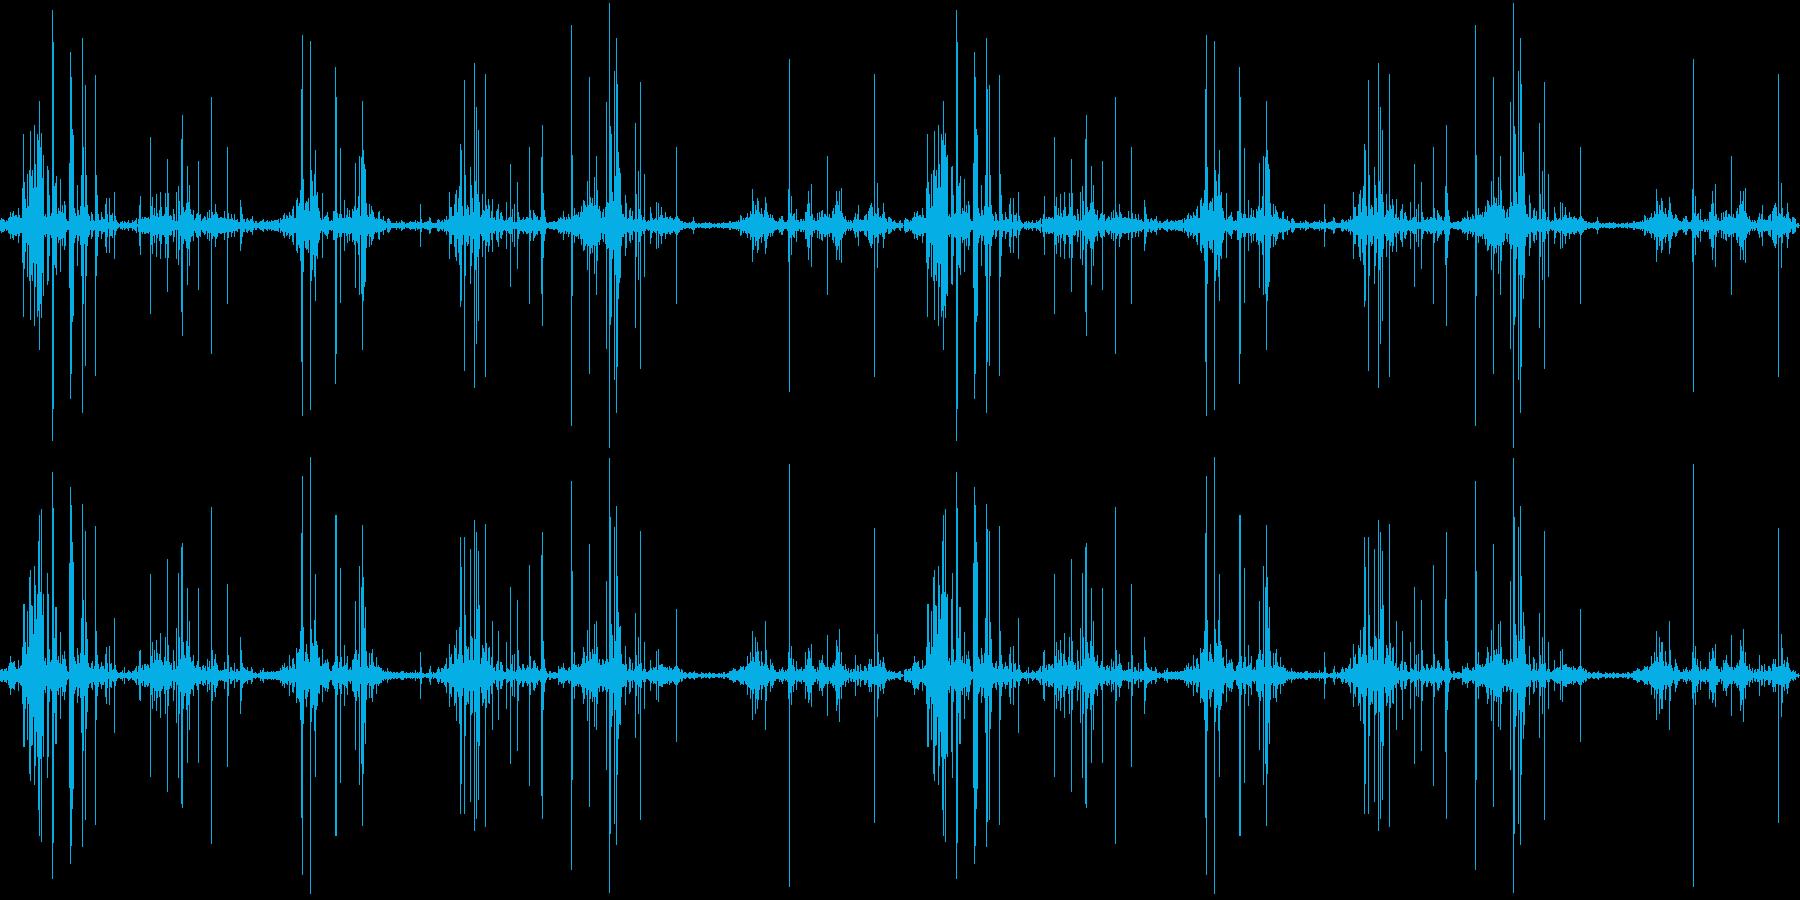 深めの山を歩く時の音のサンプリングの再生済みの波形